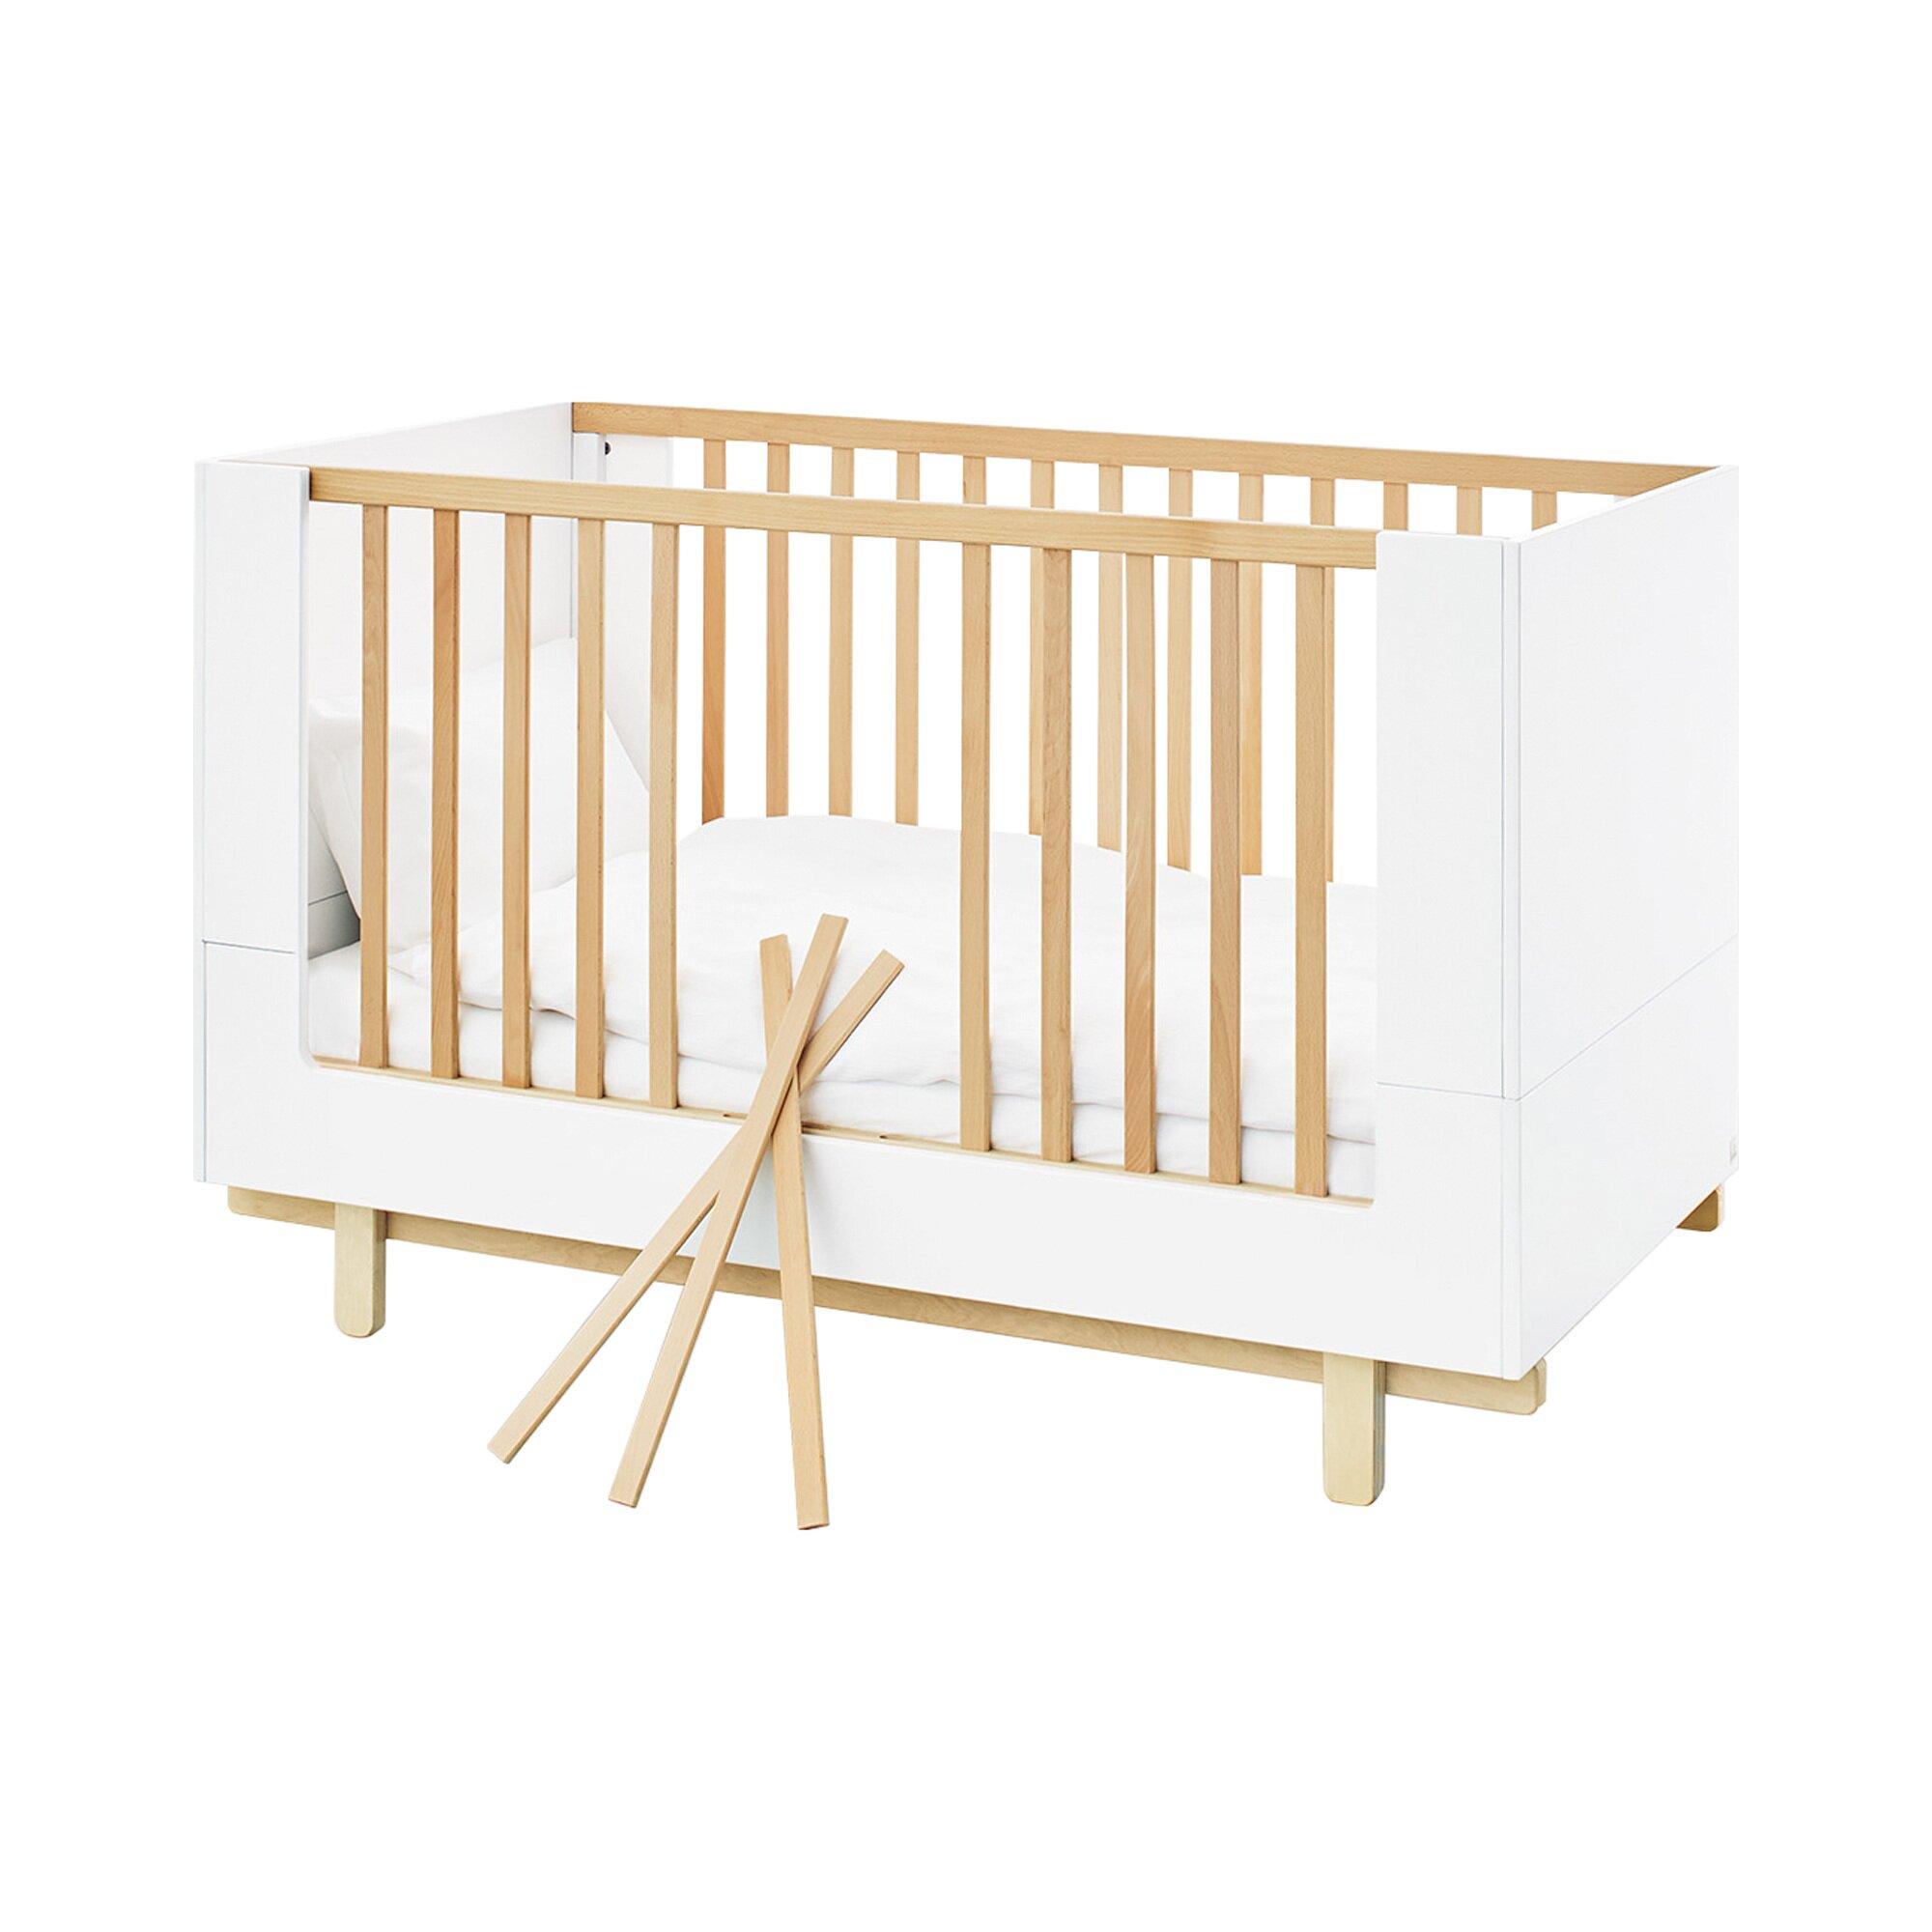 Pinolino Babybett Boks 70x140 cm